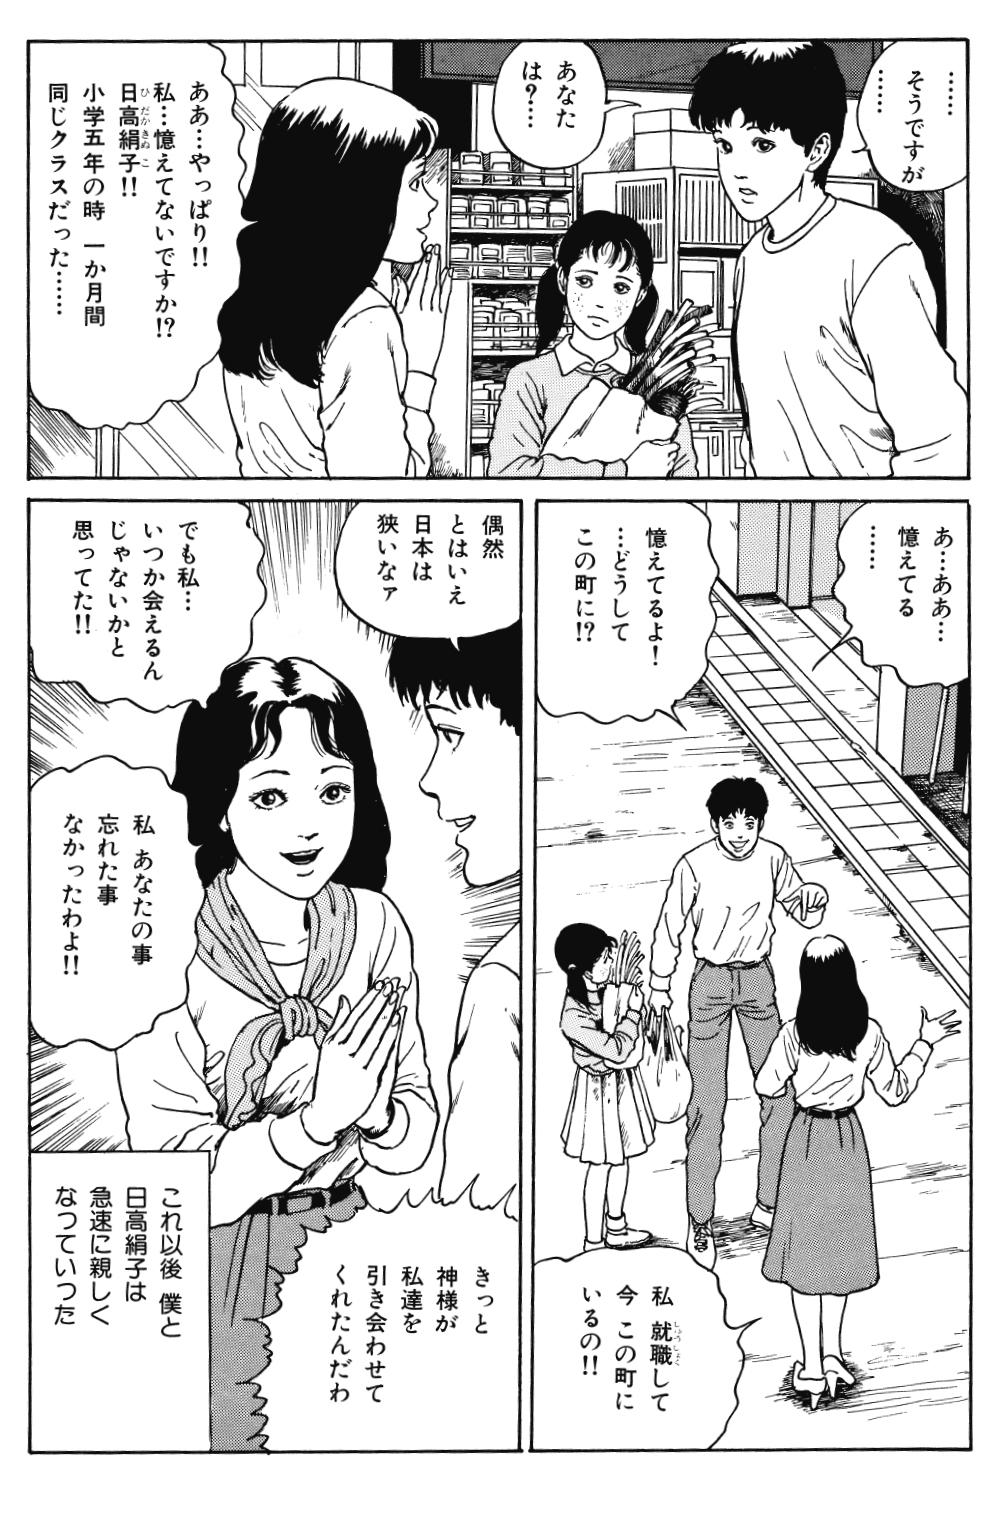 伊藤潤二自選傑作集 第5話「あやつり屋敷」②ayaturiyasiki-2-189.jpg